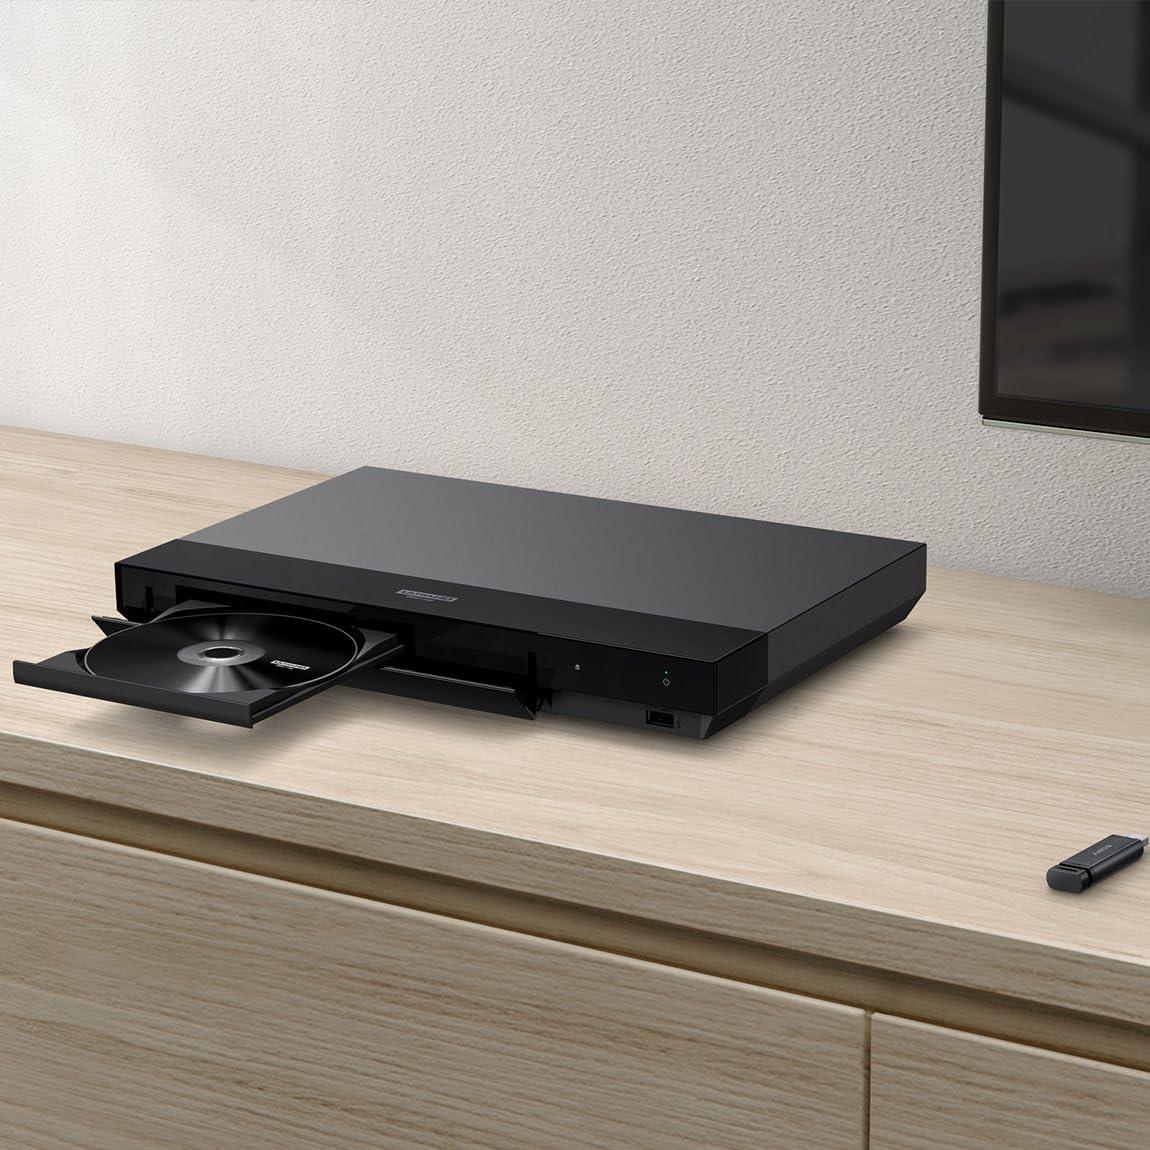 ソニー ブルーレイプレーヤー/DVDプレーヤー UBP-X700 Ultra HDブルーレイ対応 4Kアップコンバート UBP-X700